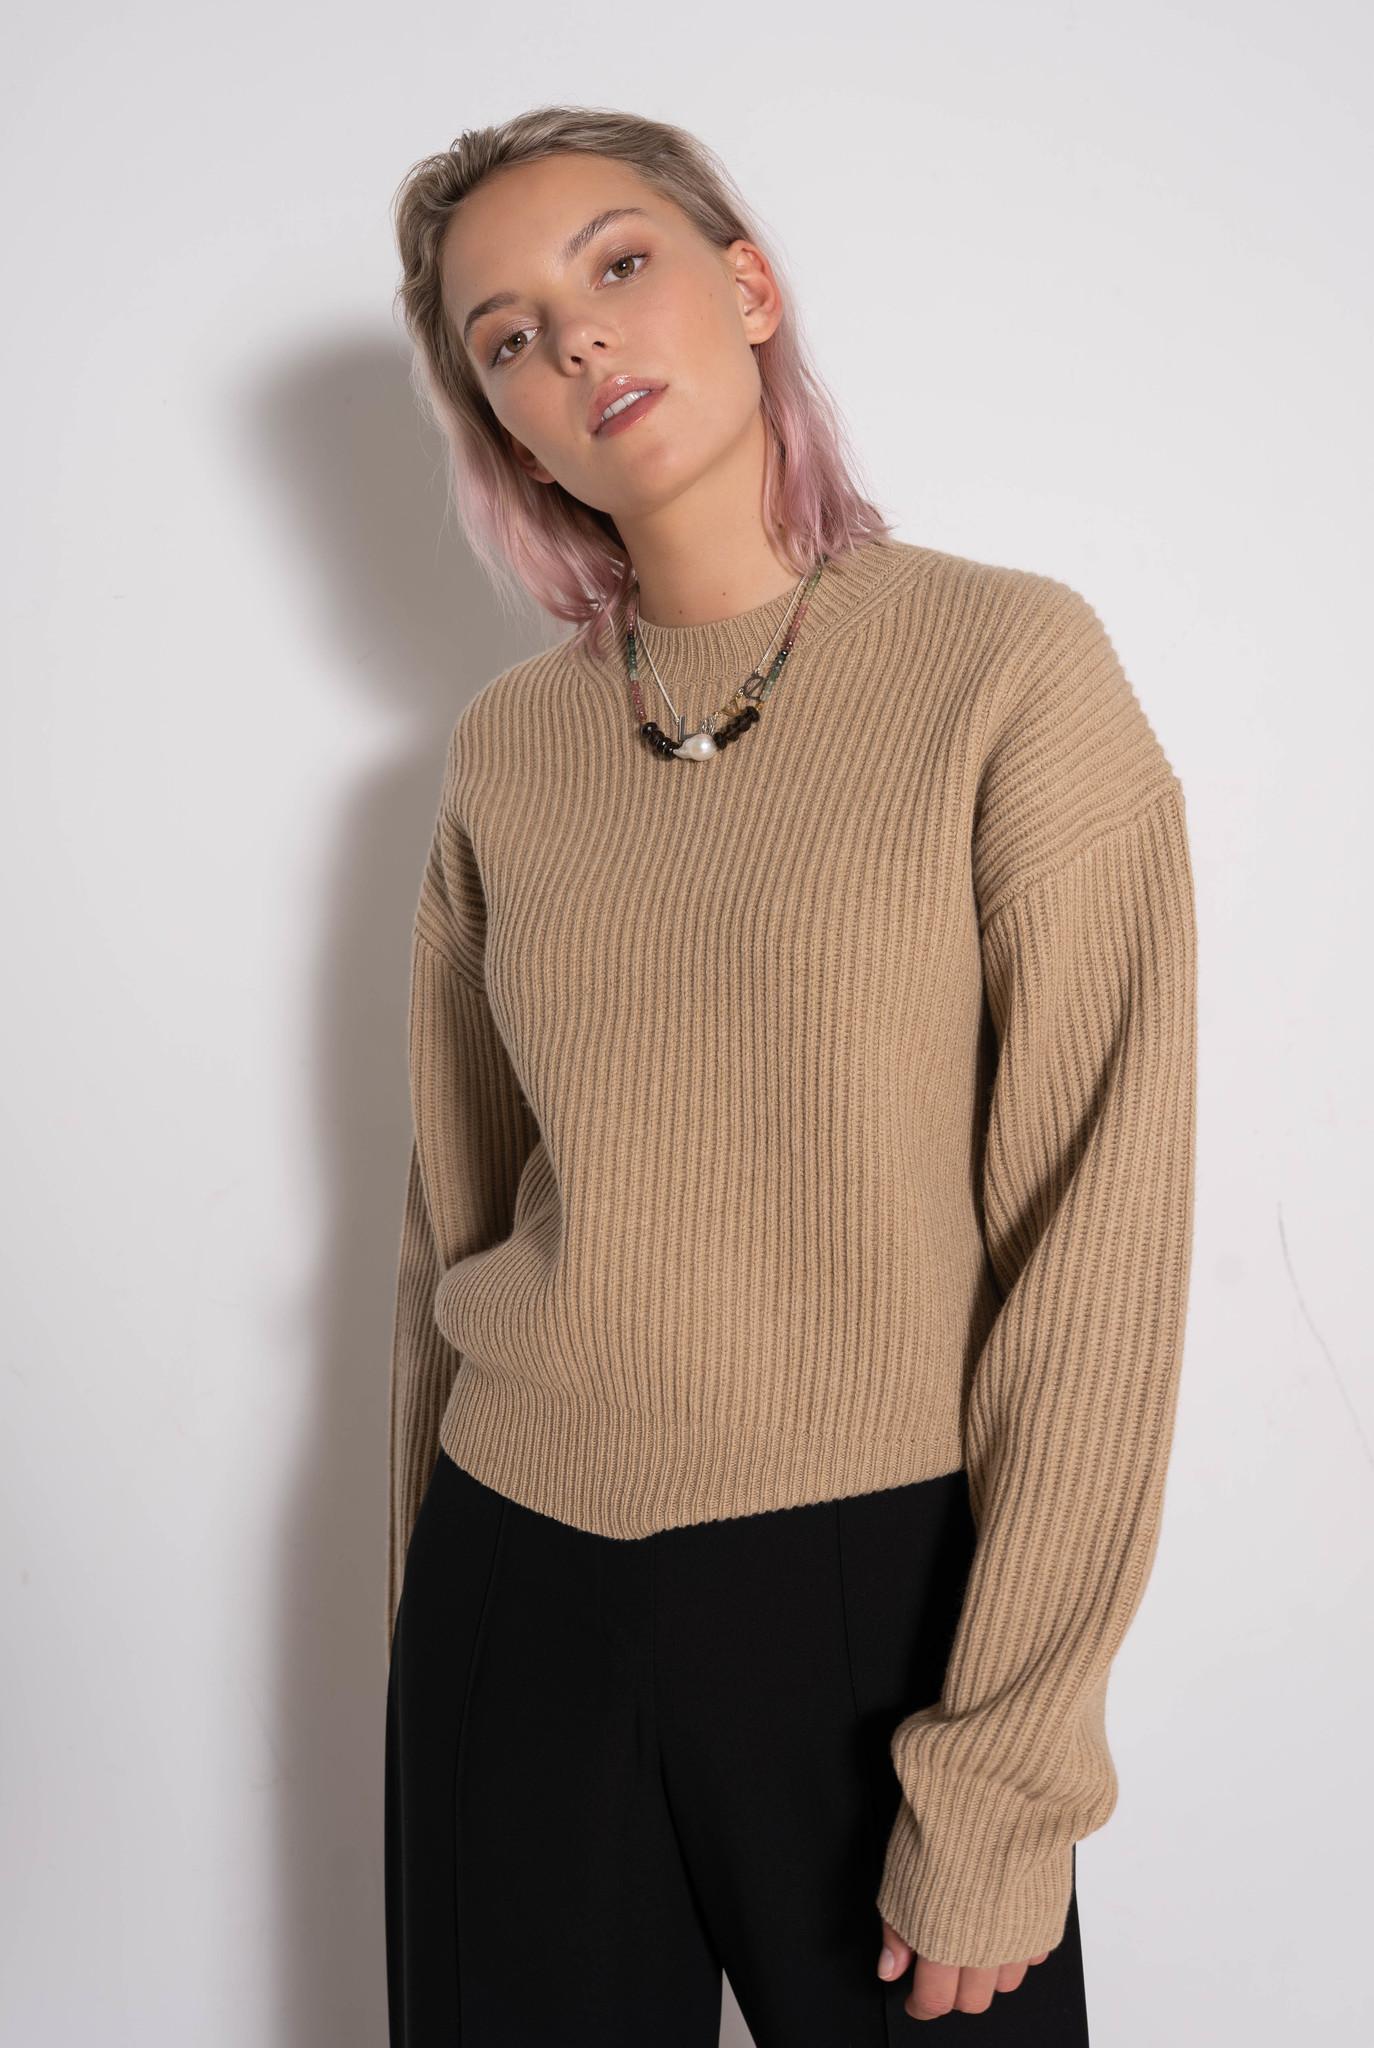 Rd Nk Ls Sweater Cardigan Stitch Light Cognac